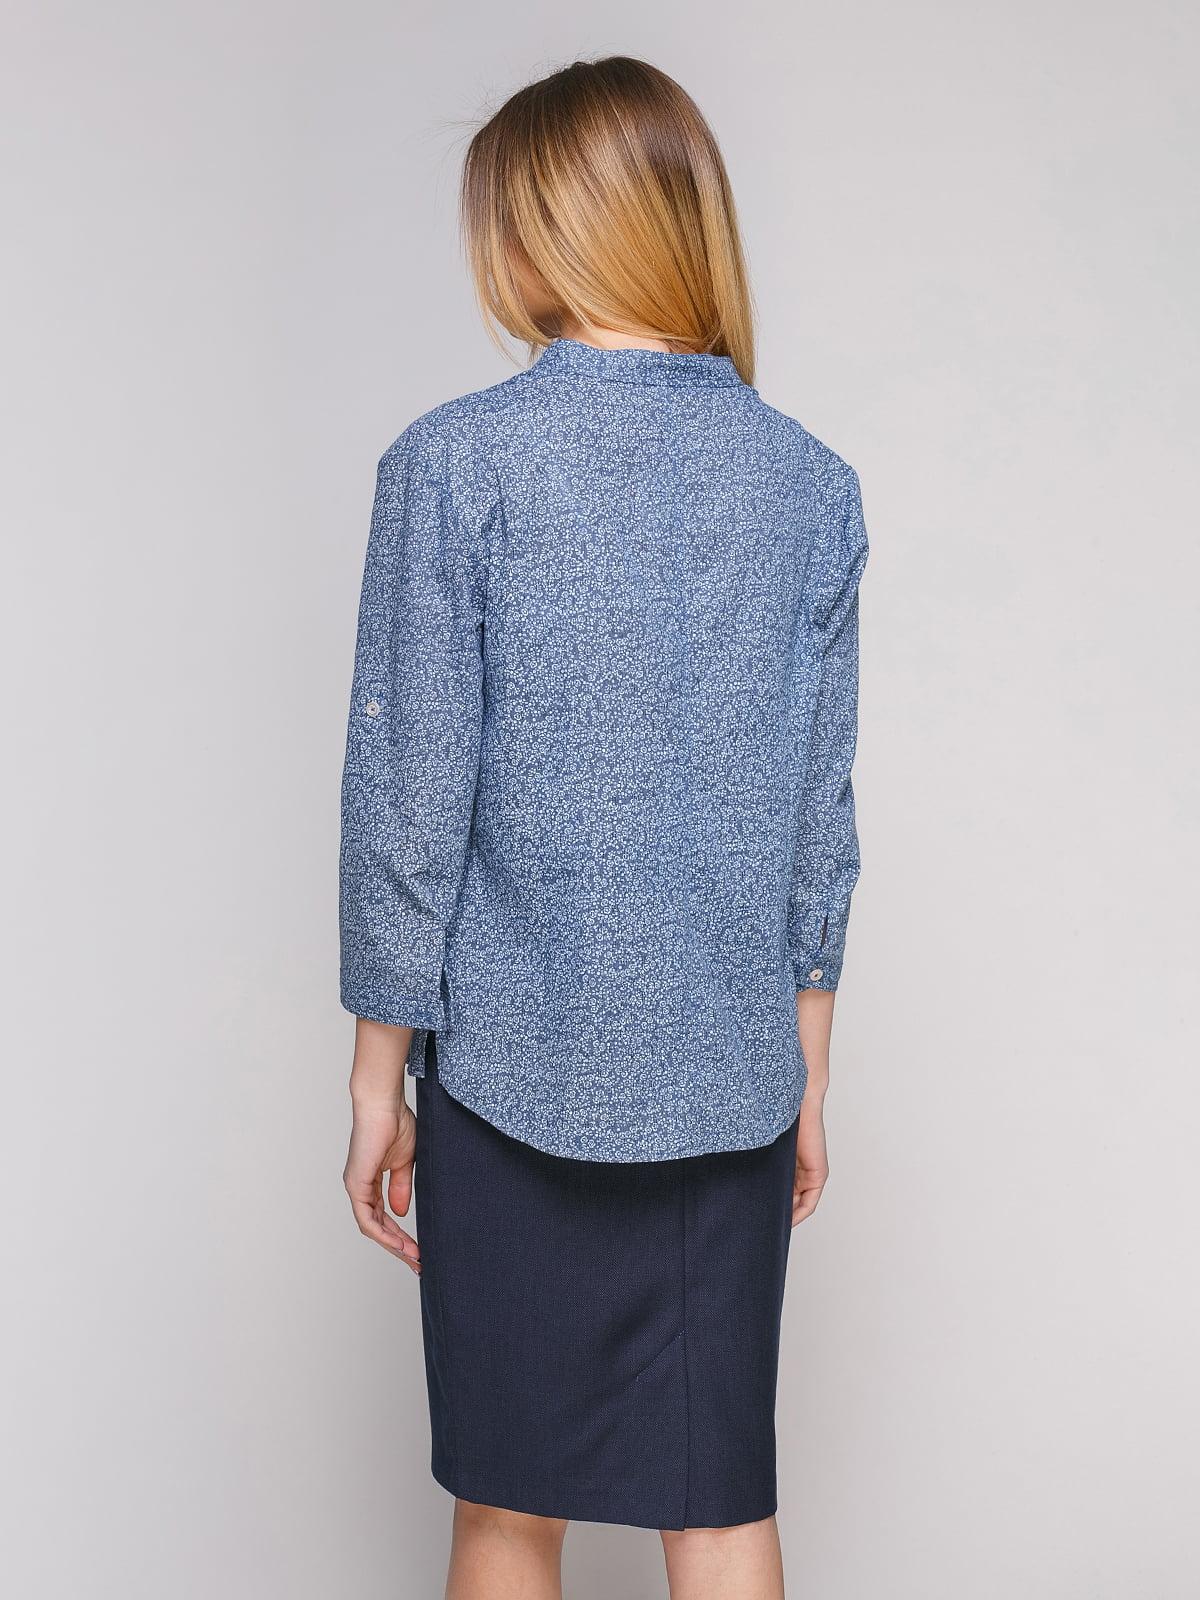 Рубашка голубая в цветочный принт | 4959232 | фото 2